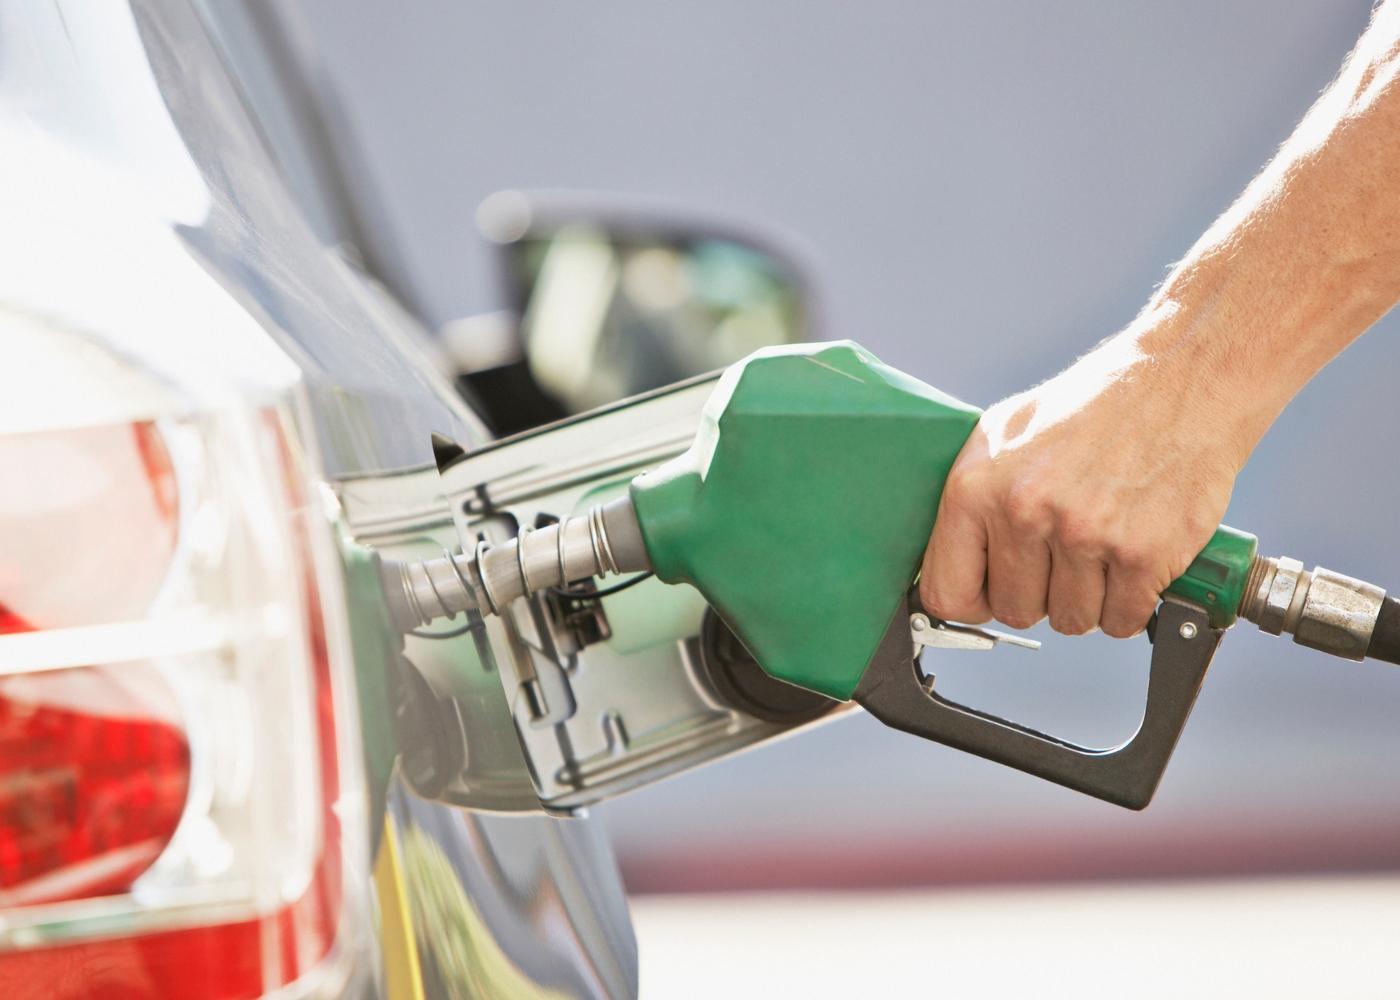 Homem a abastecer depósito com gasolina